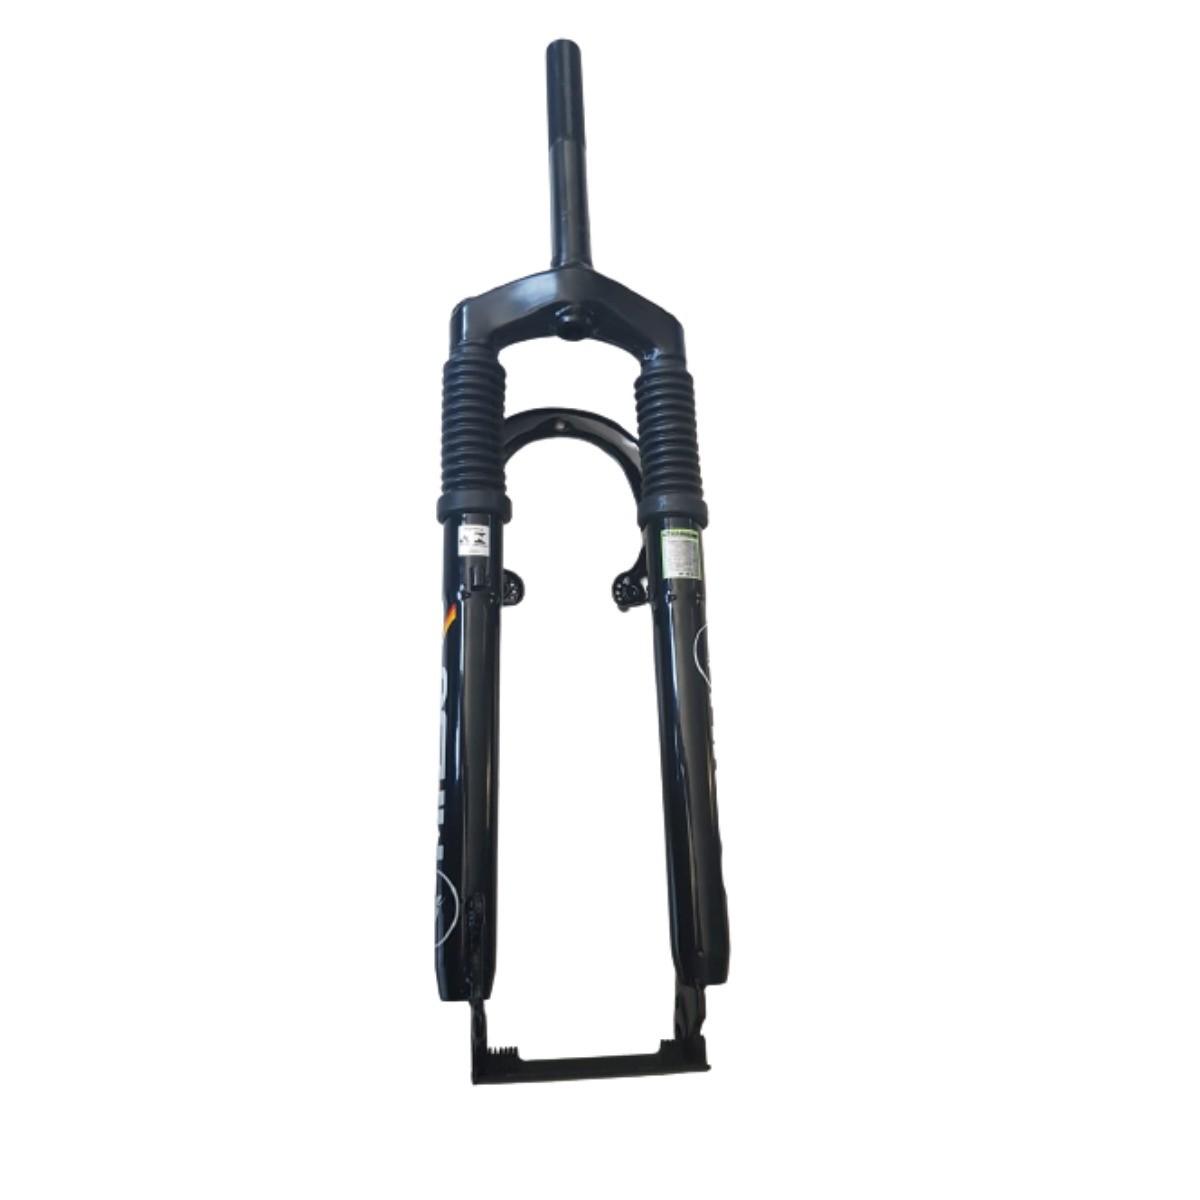 Garfo 26 Mtb Bike Preto Com Suspensão 21.1mm Com Ombro Preto